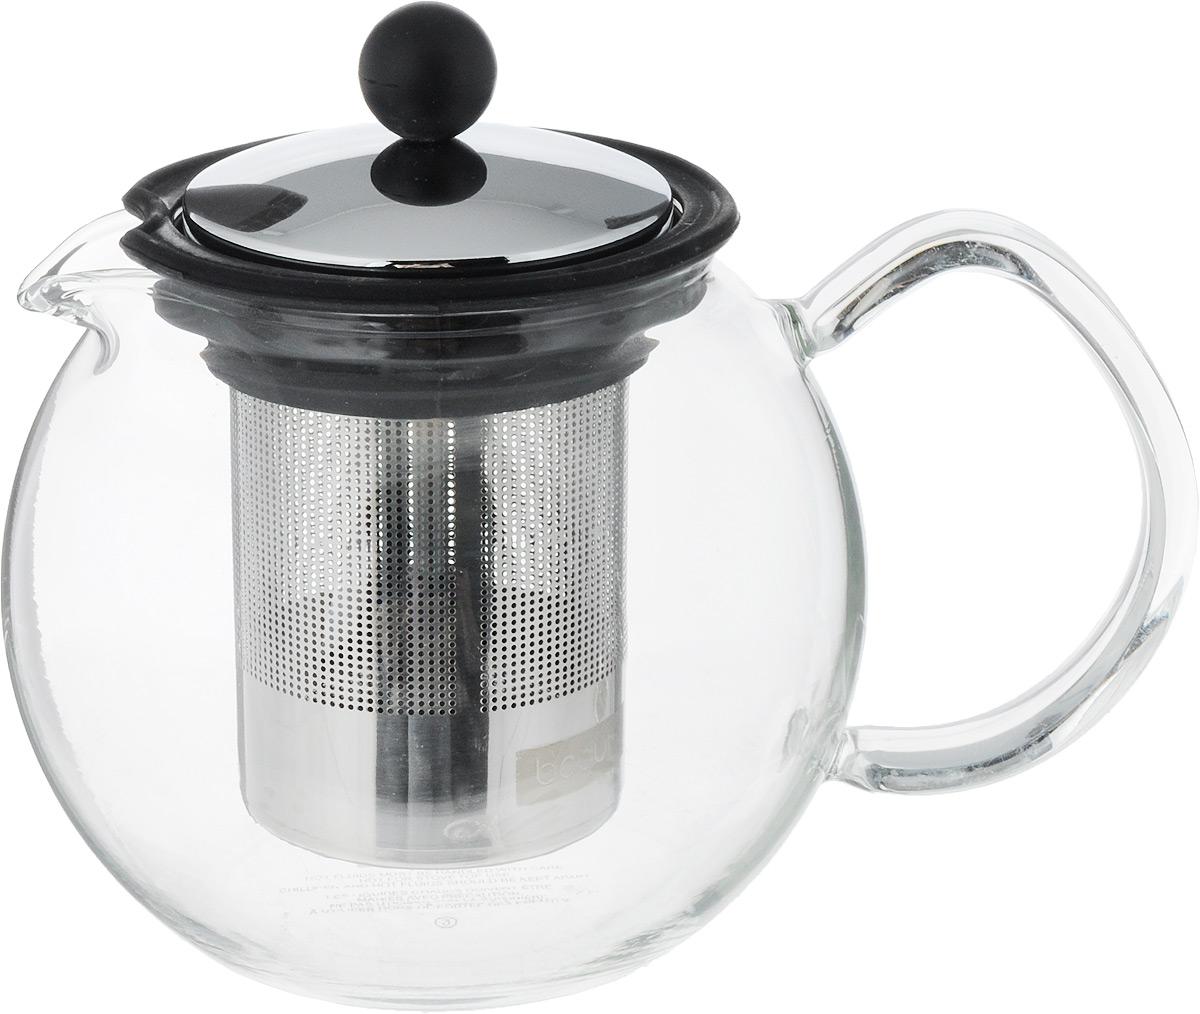 Чайник заварочный Assam, с фильтром, цвет: прозрачный, черный, 0,5 л1807-16Заварочный чайник Assam изготовлен из высококачественного пластика и жаропрочного стекла (до 100°С). Чайник имеет пластиковый фильтр с прессом и оснащен удобной ручкой. Он прекрасно подойдет для заваривания чая и травяных напитков.Такой заварочный чайник займет достойное место на вашей кухне.Высота чайника (без учета крышки): 11,5 см.Высота чайника (с учетом крышки): 13 см. Диаметр основания: 6,5 см.